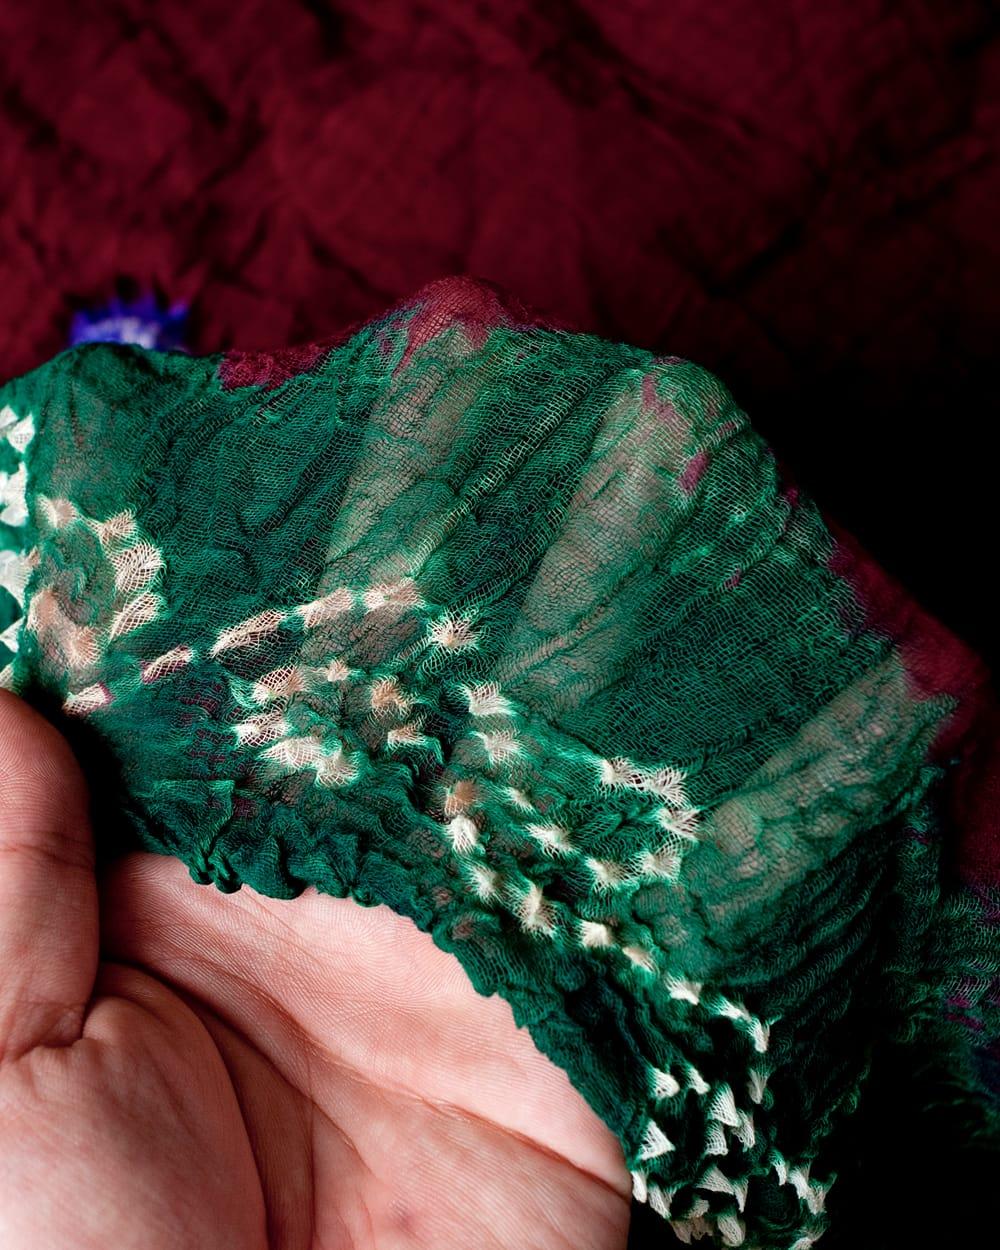 〔2枚セット〕あなたが完成させる 伝統の絞り染めストール バンデジ - 赤茶×緑系 4 - ふんわりとした生地です